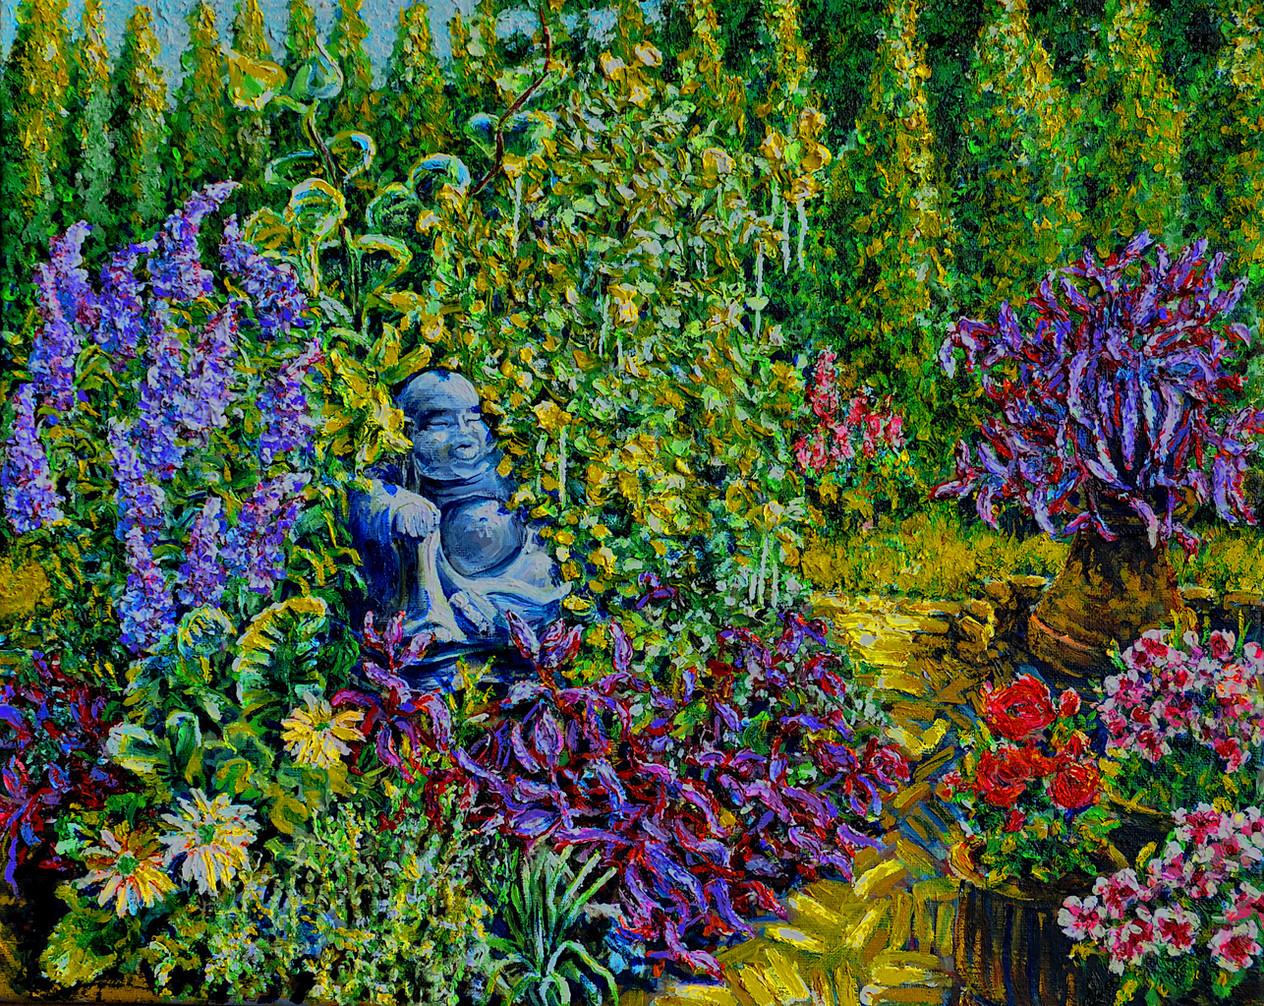 Buddha In Garden $450, 16 x 20 in. Oil on Canvas